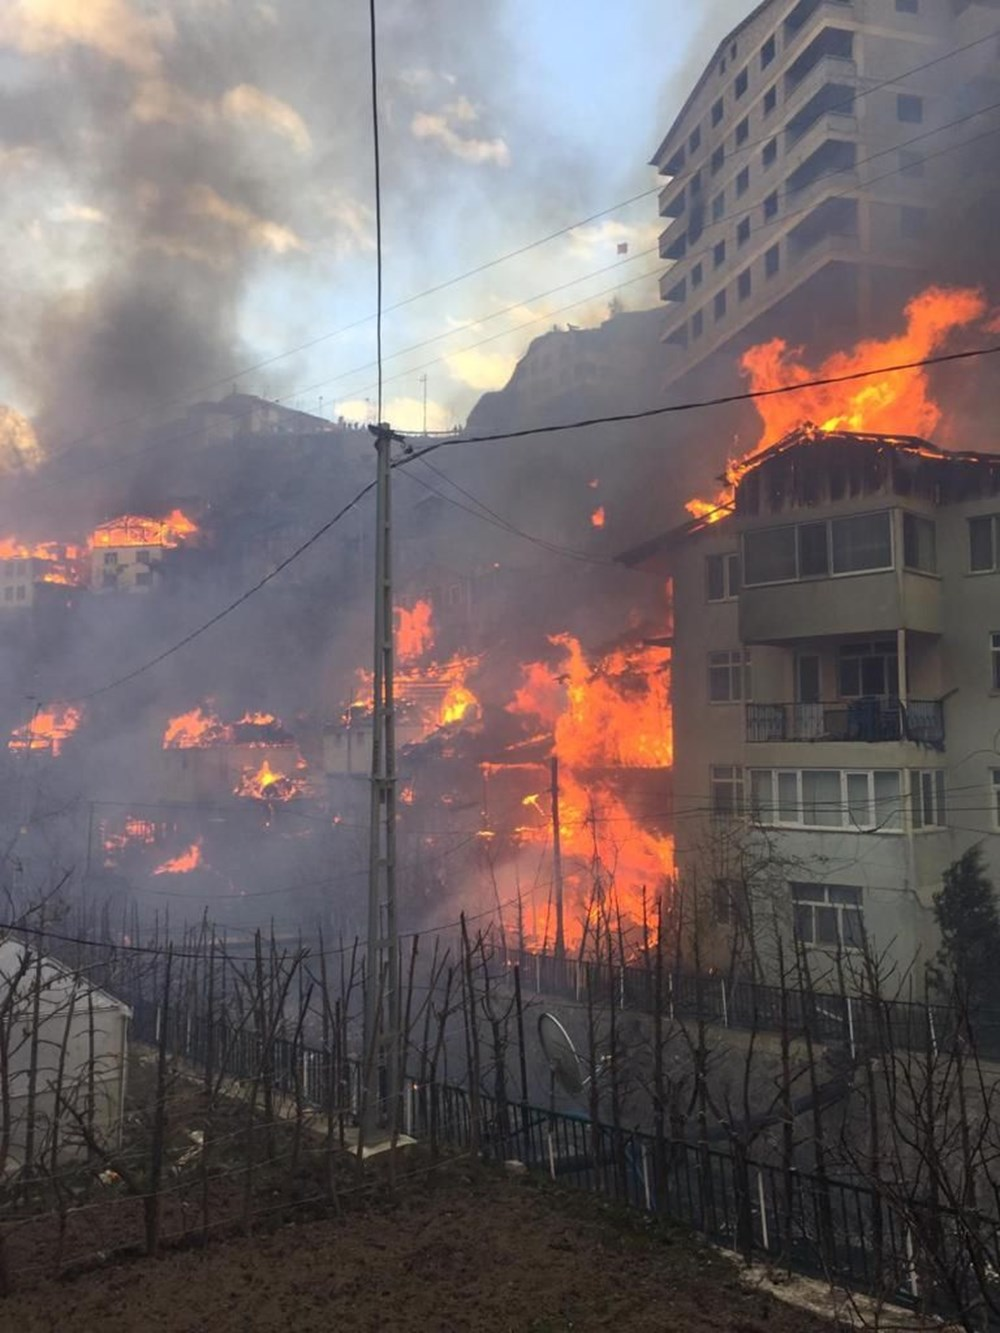 Artvin'deki yangın kontrol altında - 6